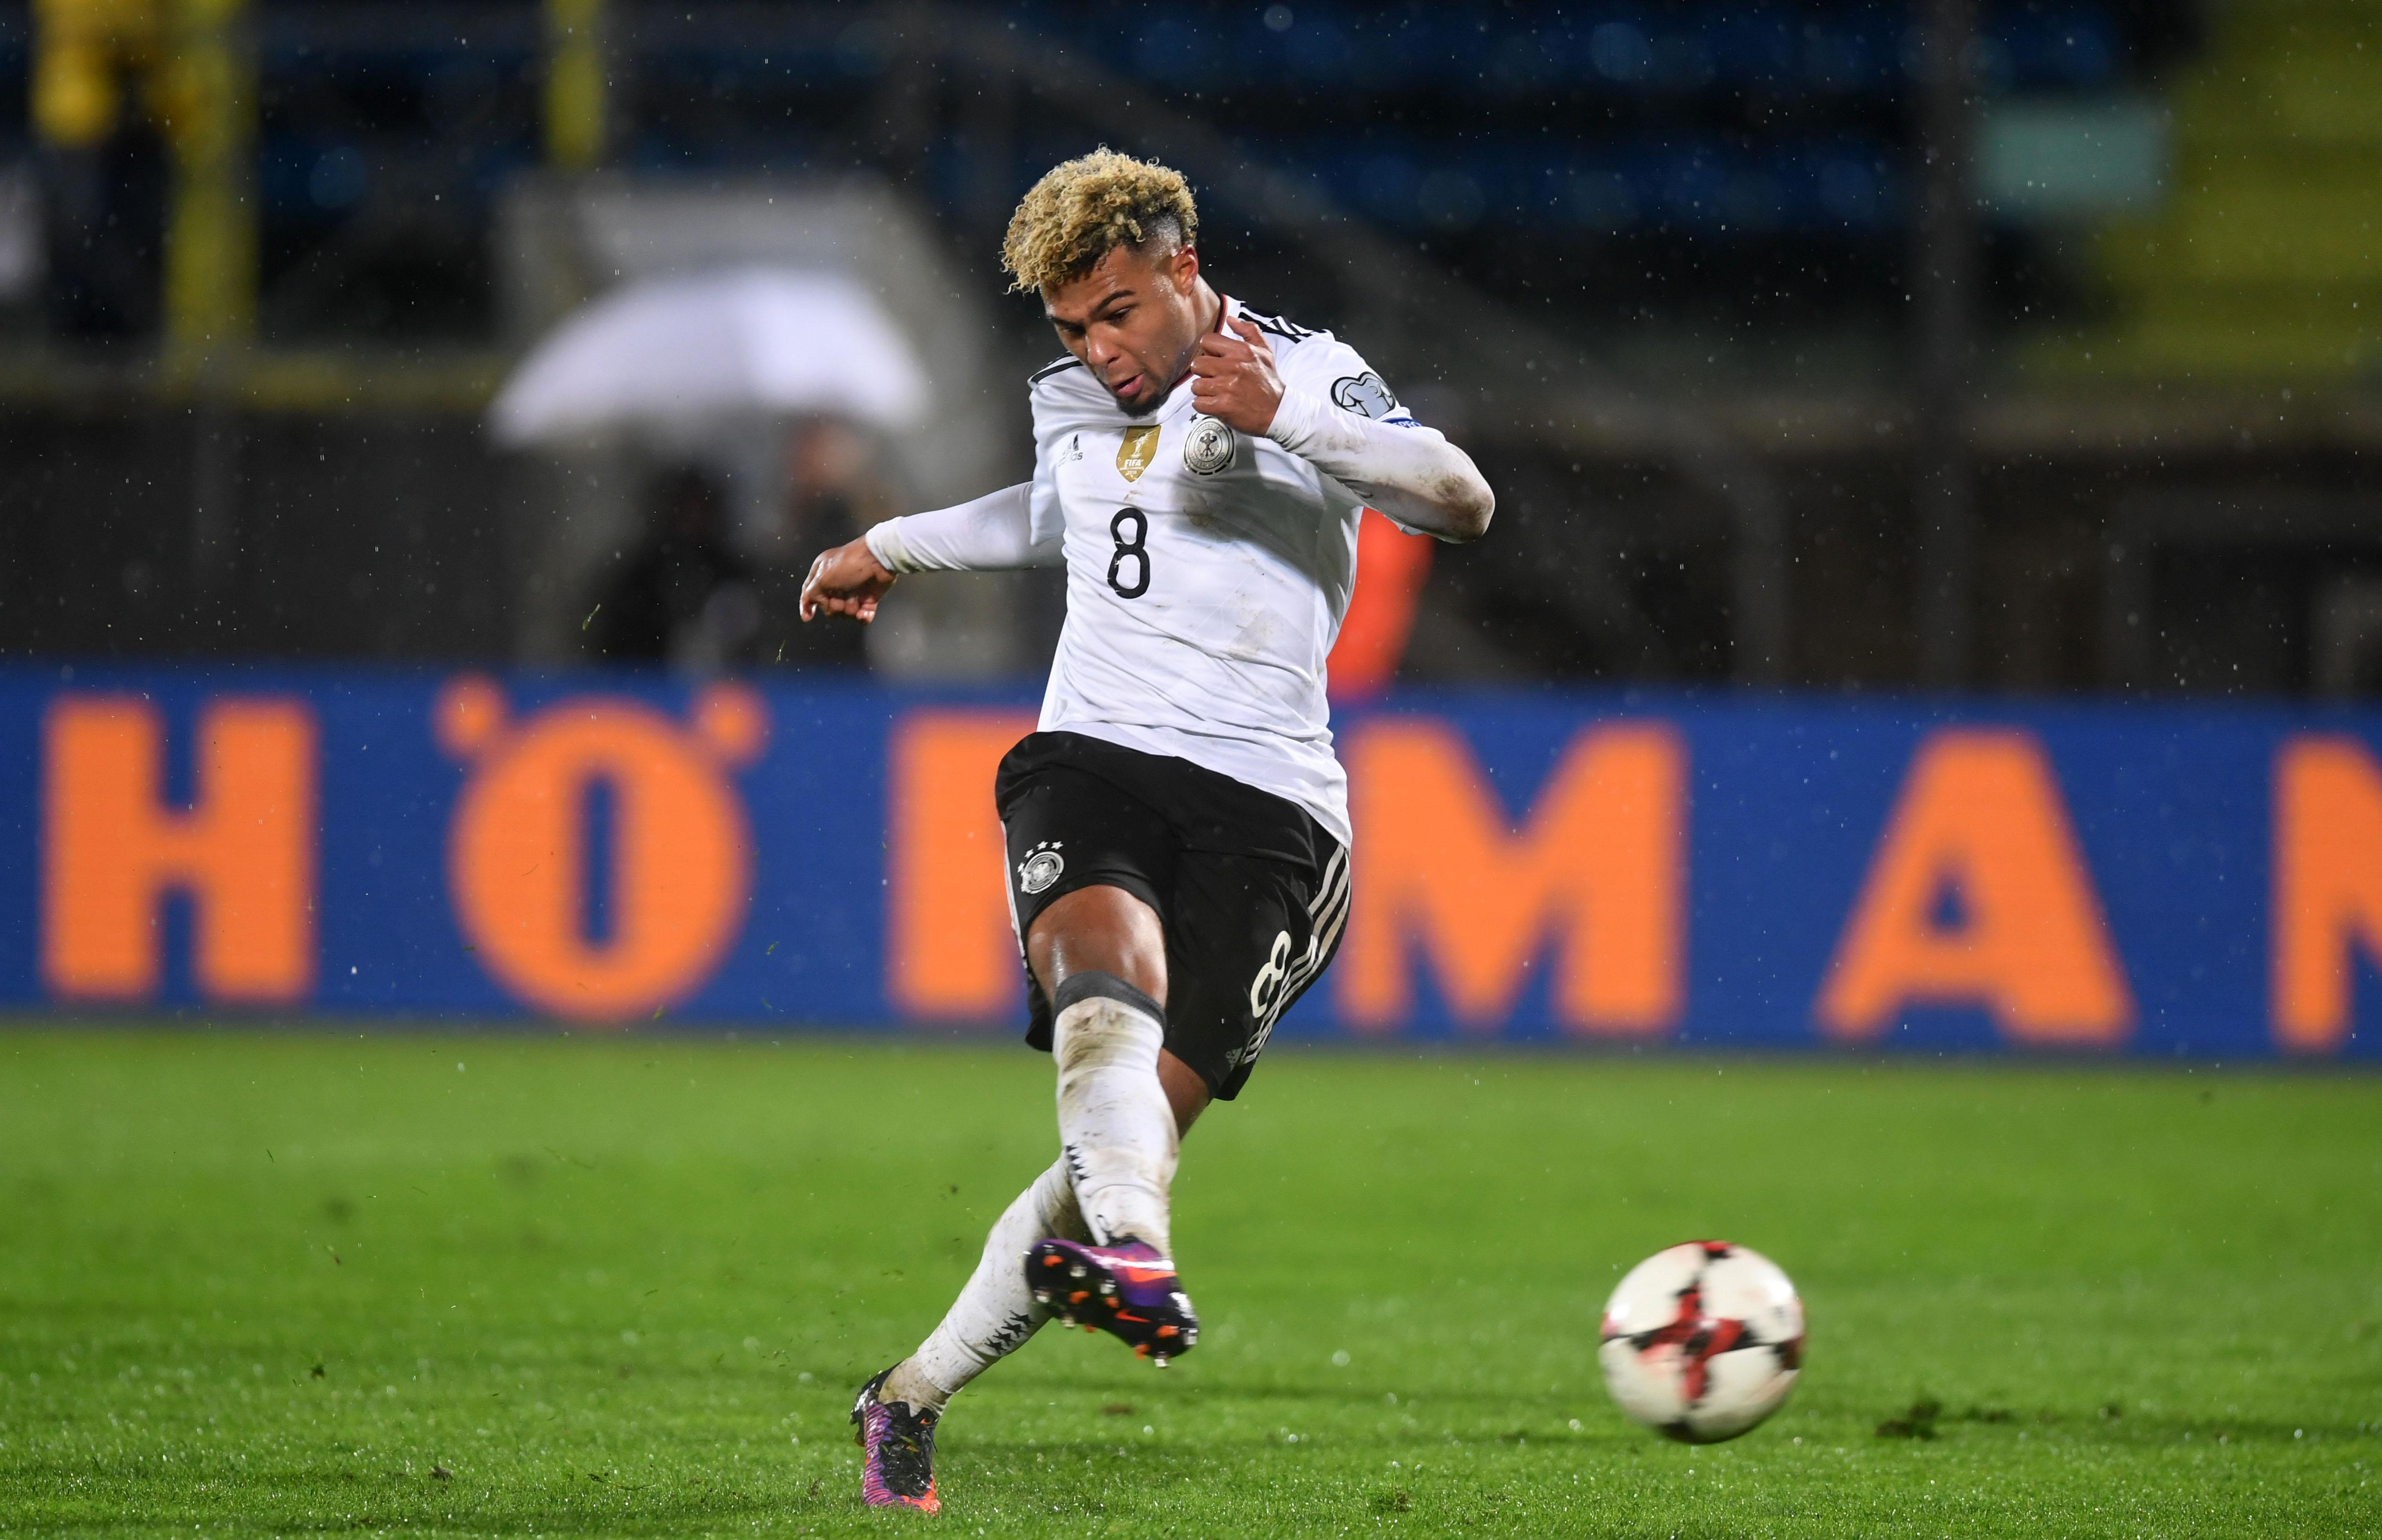 Gnabry nouvelle p pite du football allemand russie 2018 coupe du monde football - Coupe du monde 2018 football ...